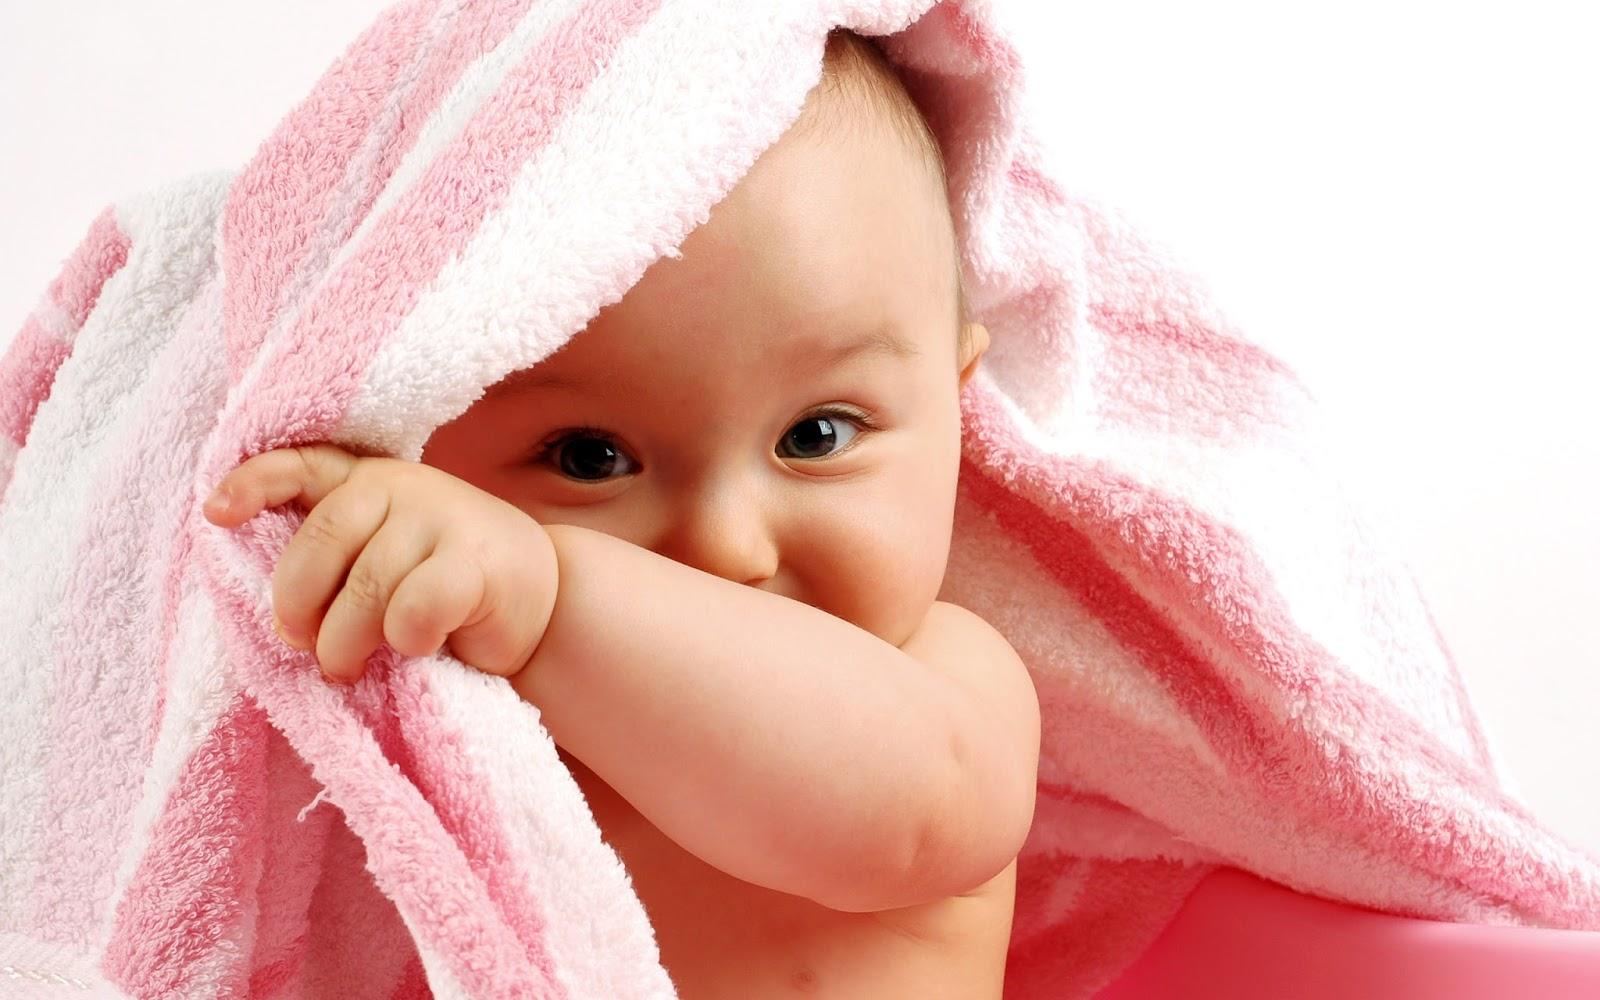 Wallpapers Full Hd Wallpaper Cute Baby Boy 2